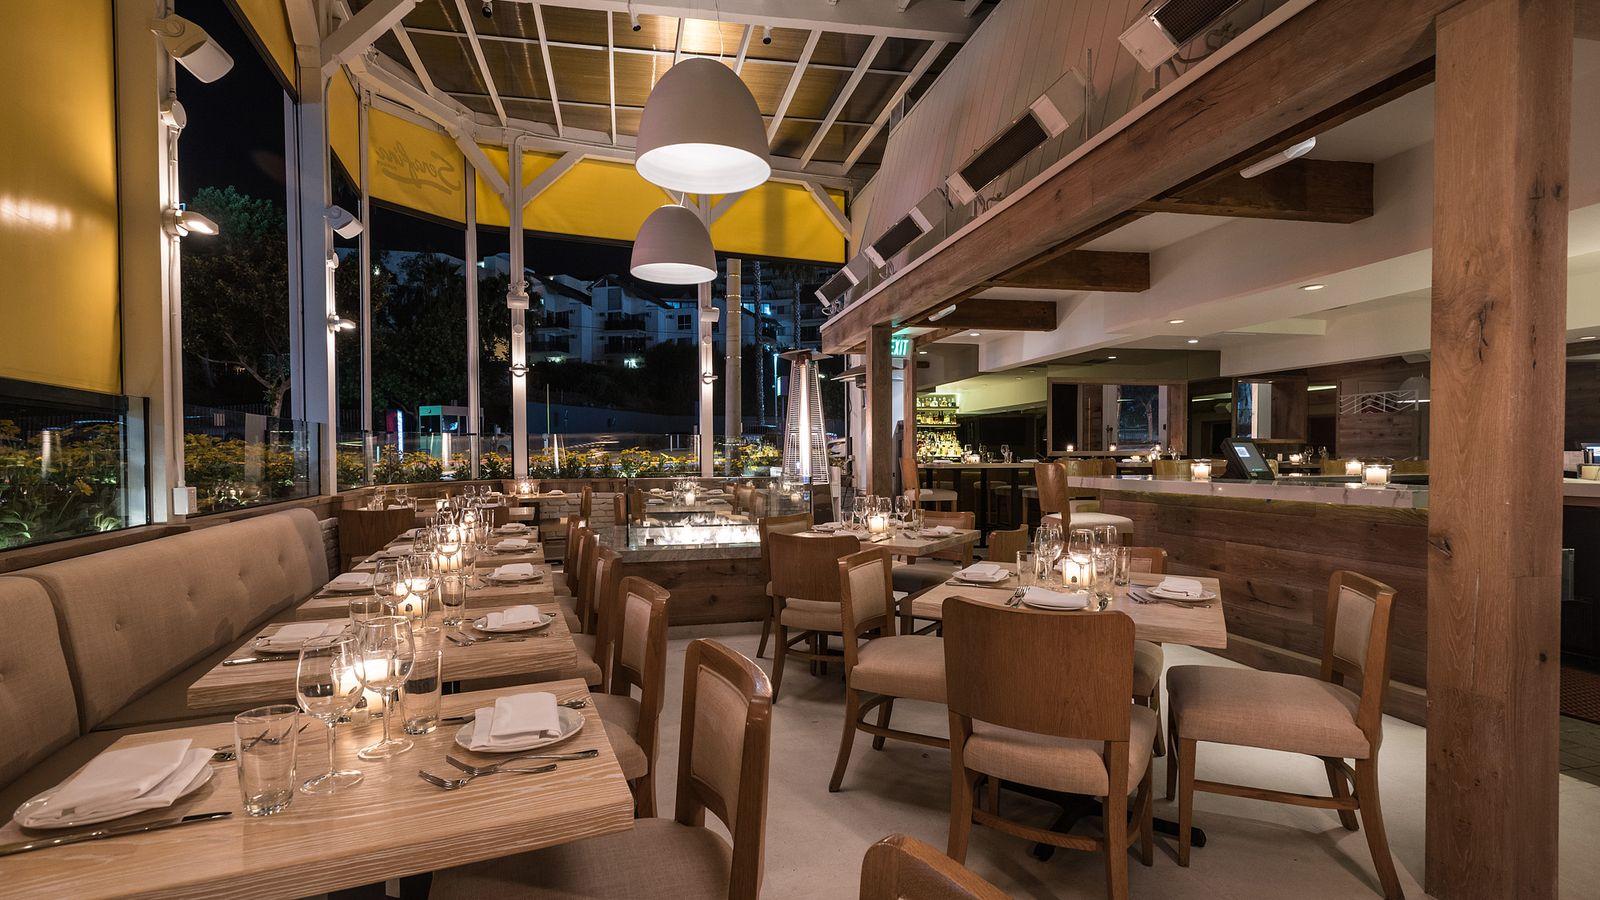 serafina restaurant ile ilgili görsel sonucu